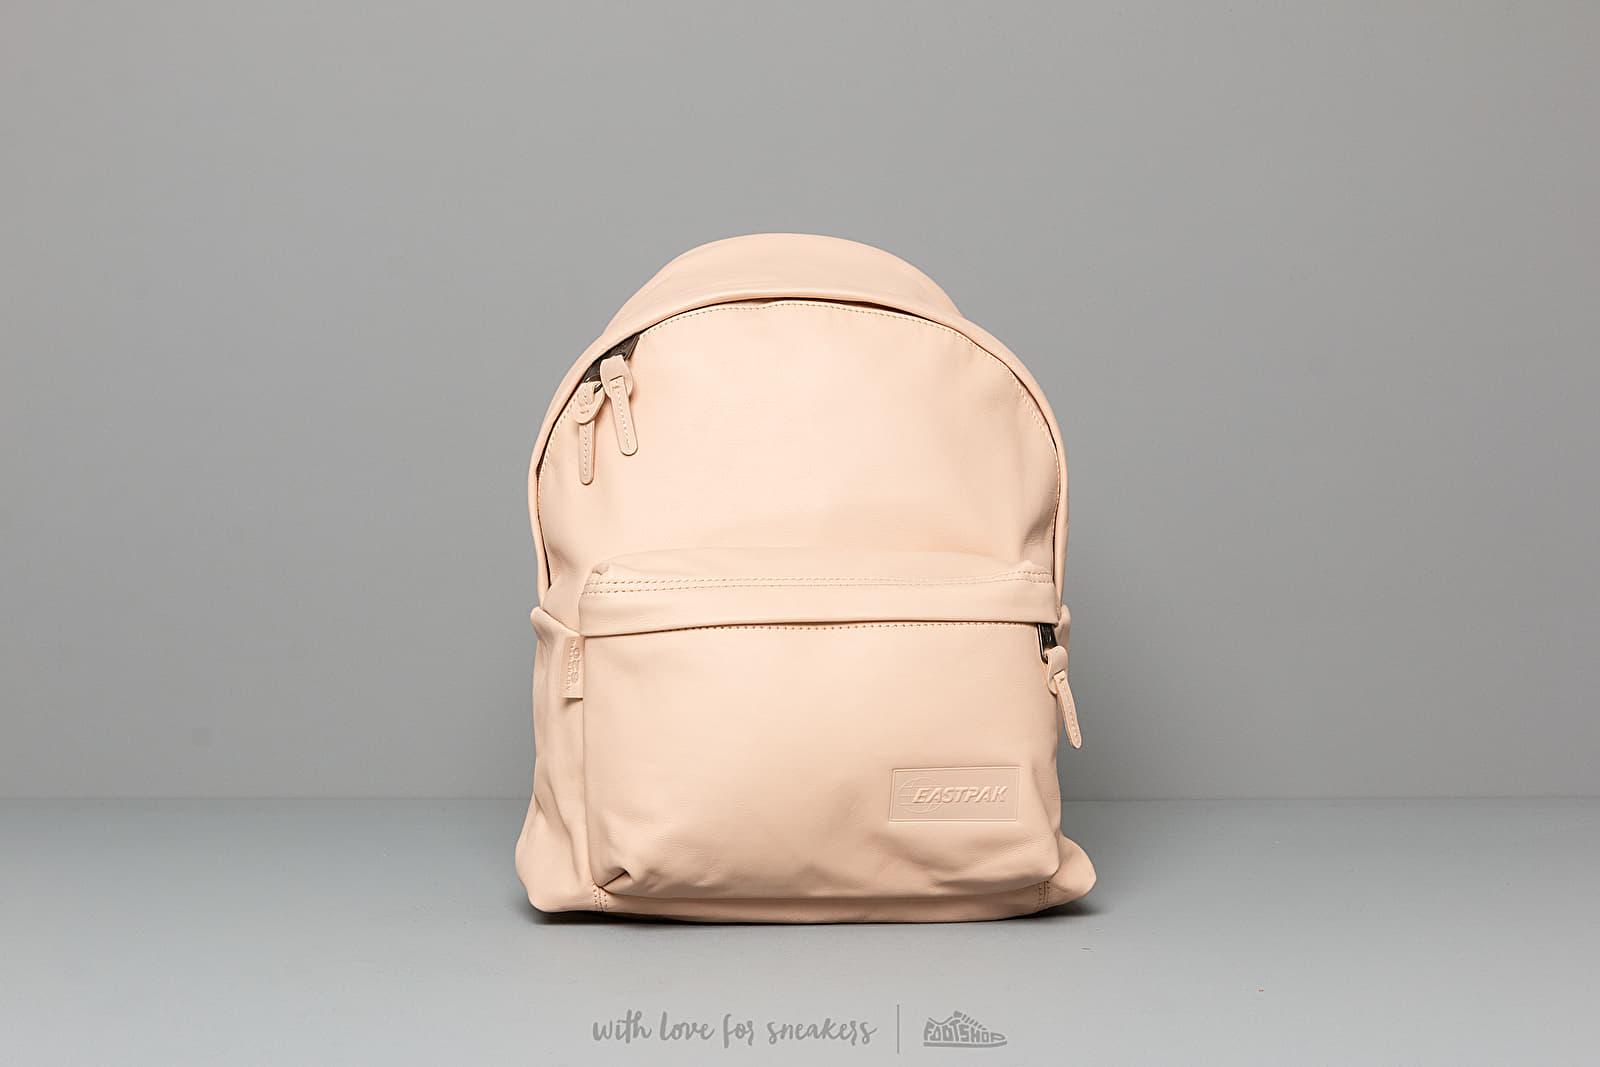 EASTPAK Padded Pak'r Neutral Leather za skvelú cenu 132 € kúpite na Footshop.sk